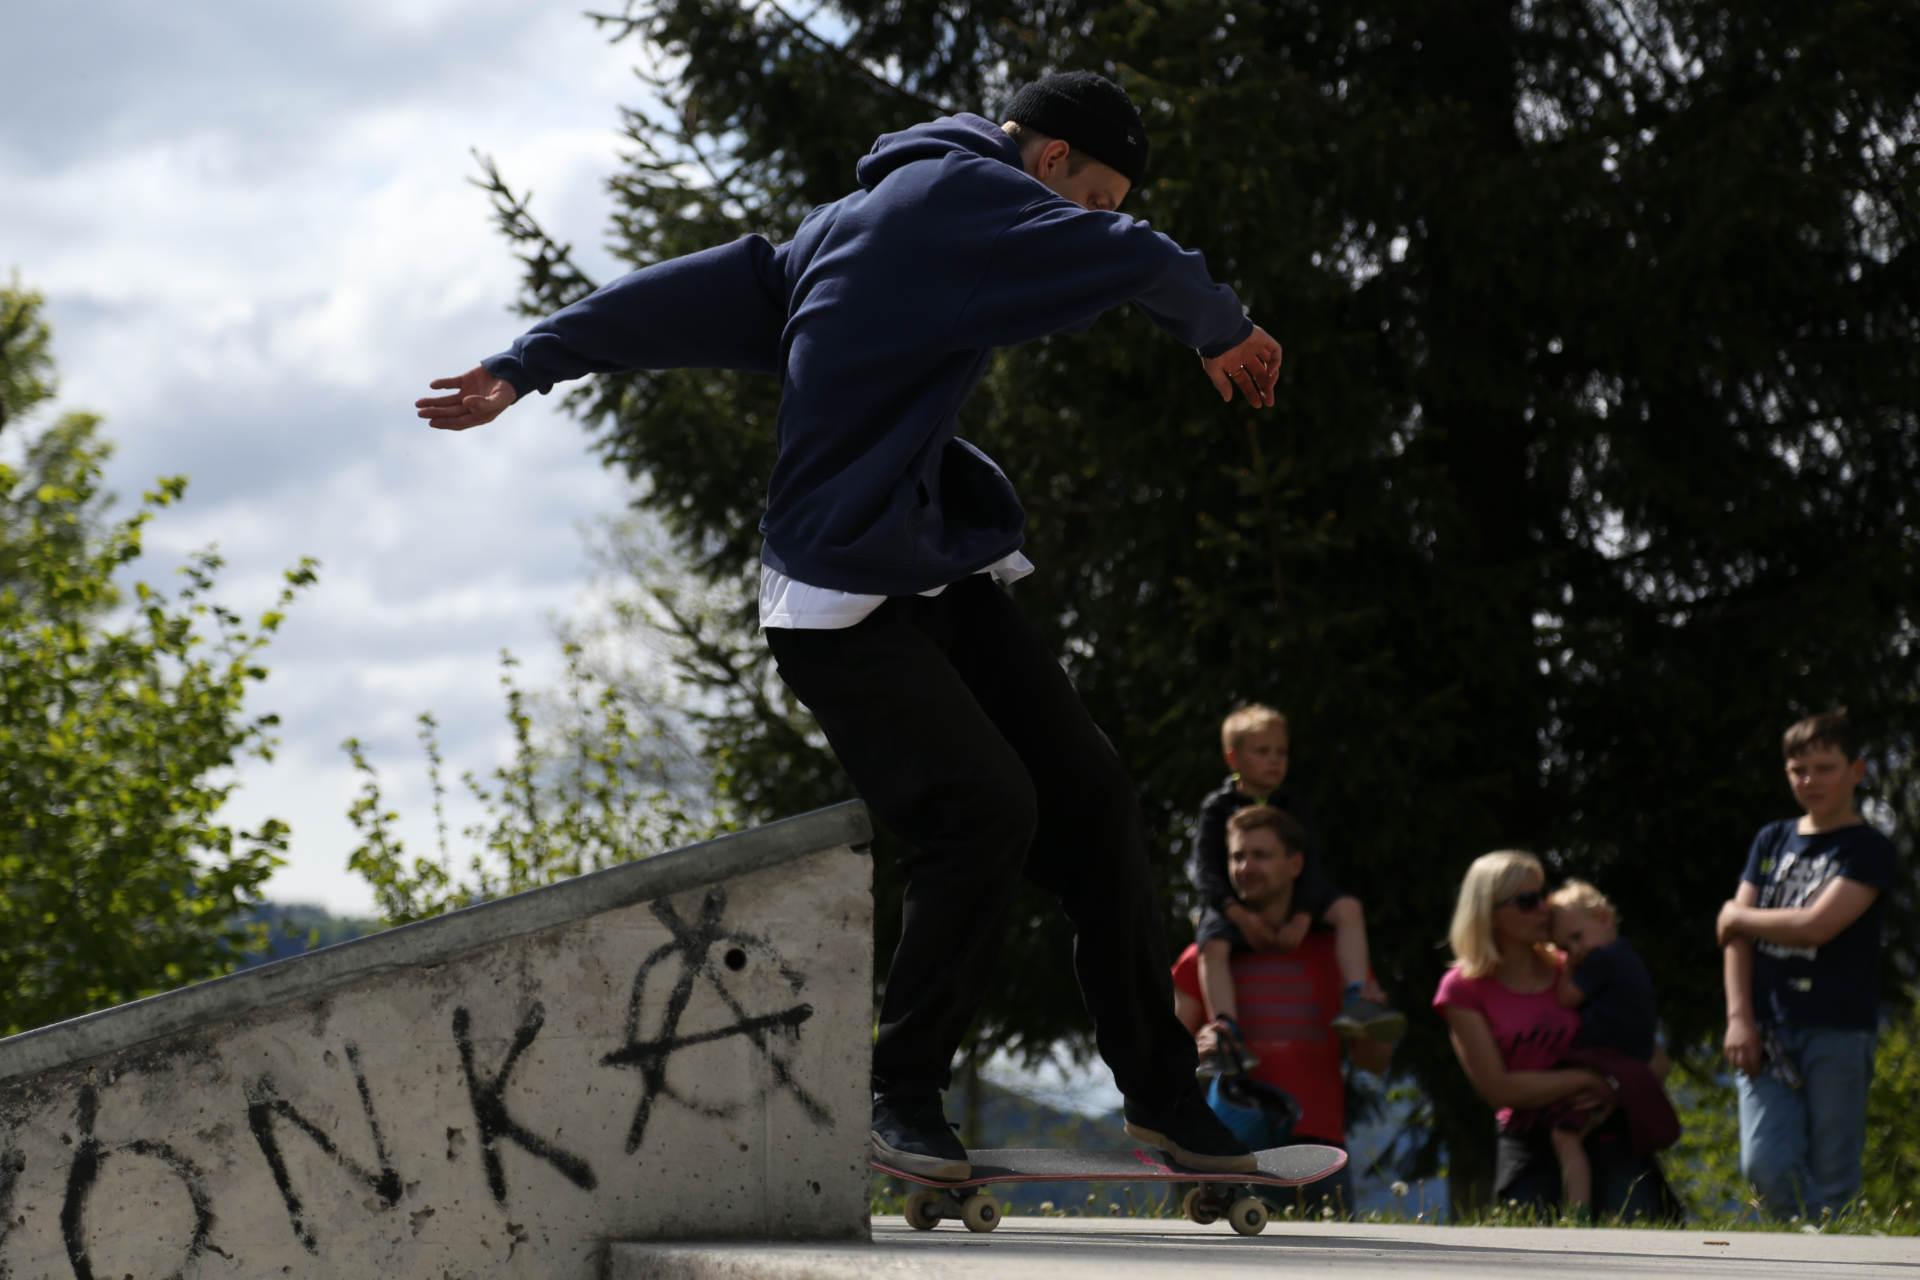 skateboard headz fieberbrunn kgt kitz gau trophy 2019 saalfelden hell00075